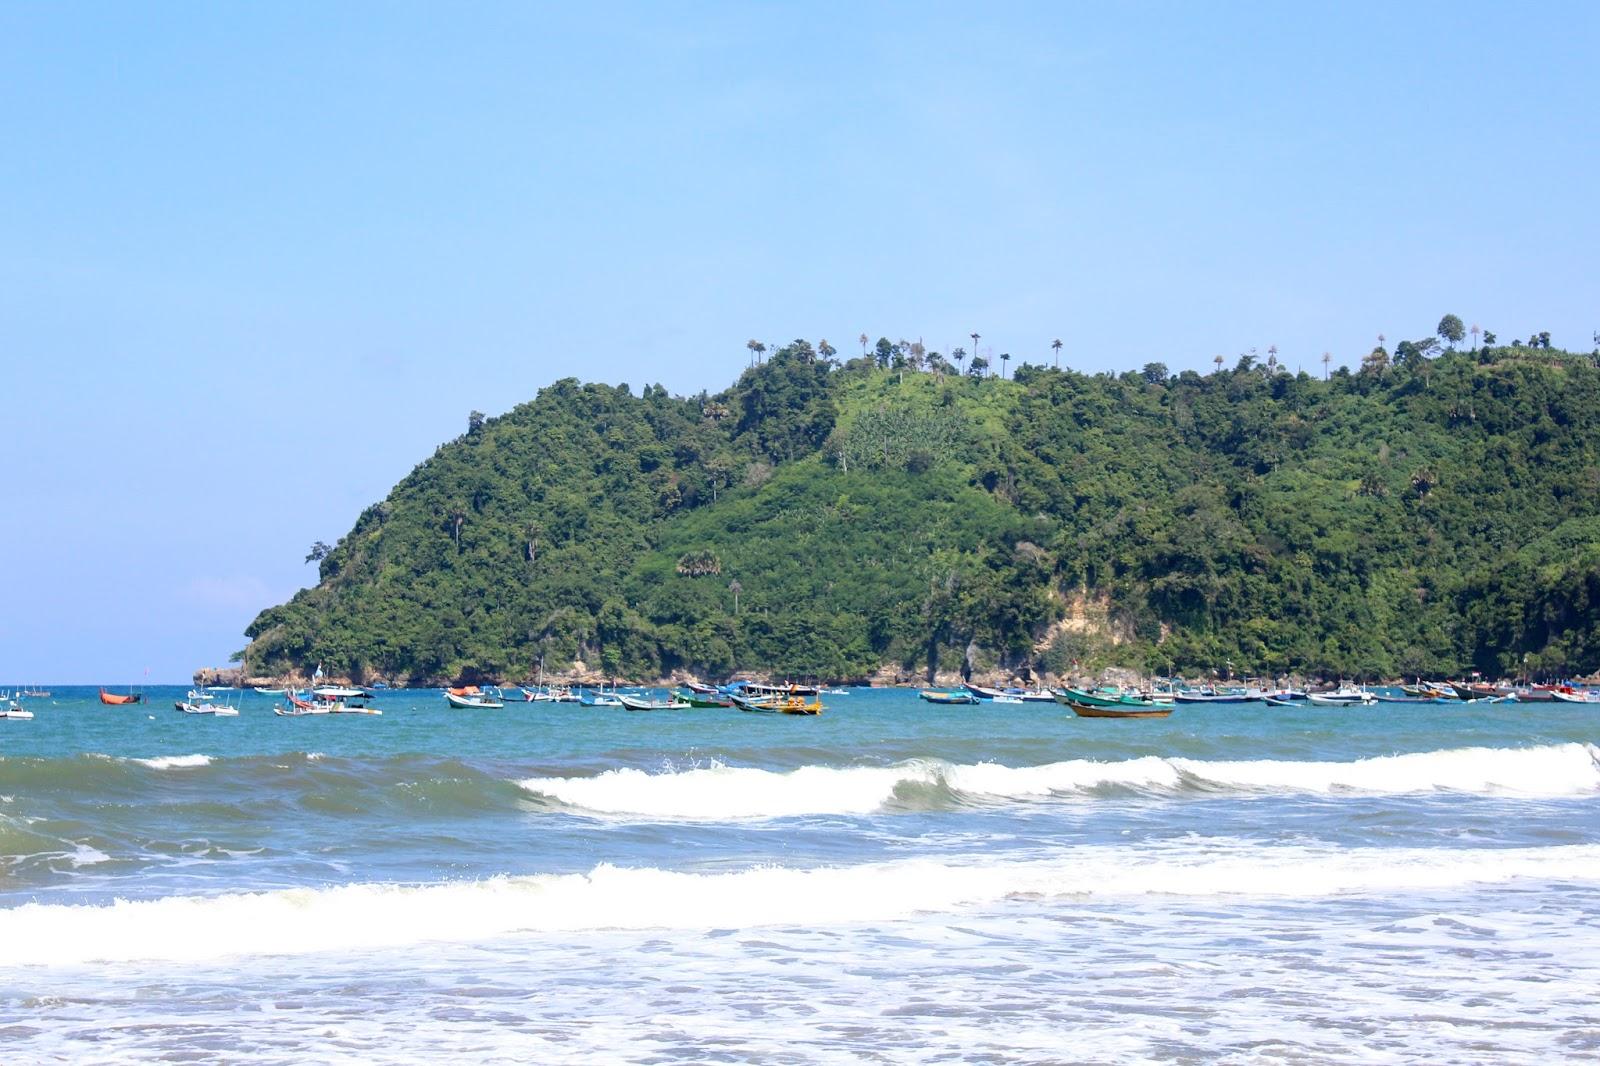 Daftar Tempat Wisata Tulungagung Terbaru Hits 2018 Pantai Sine Taman